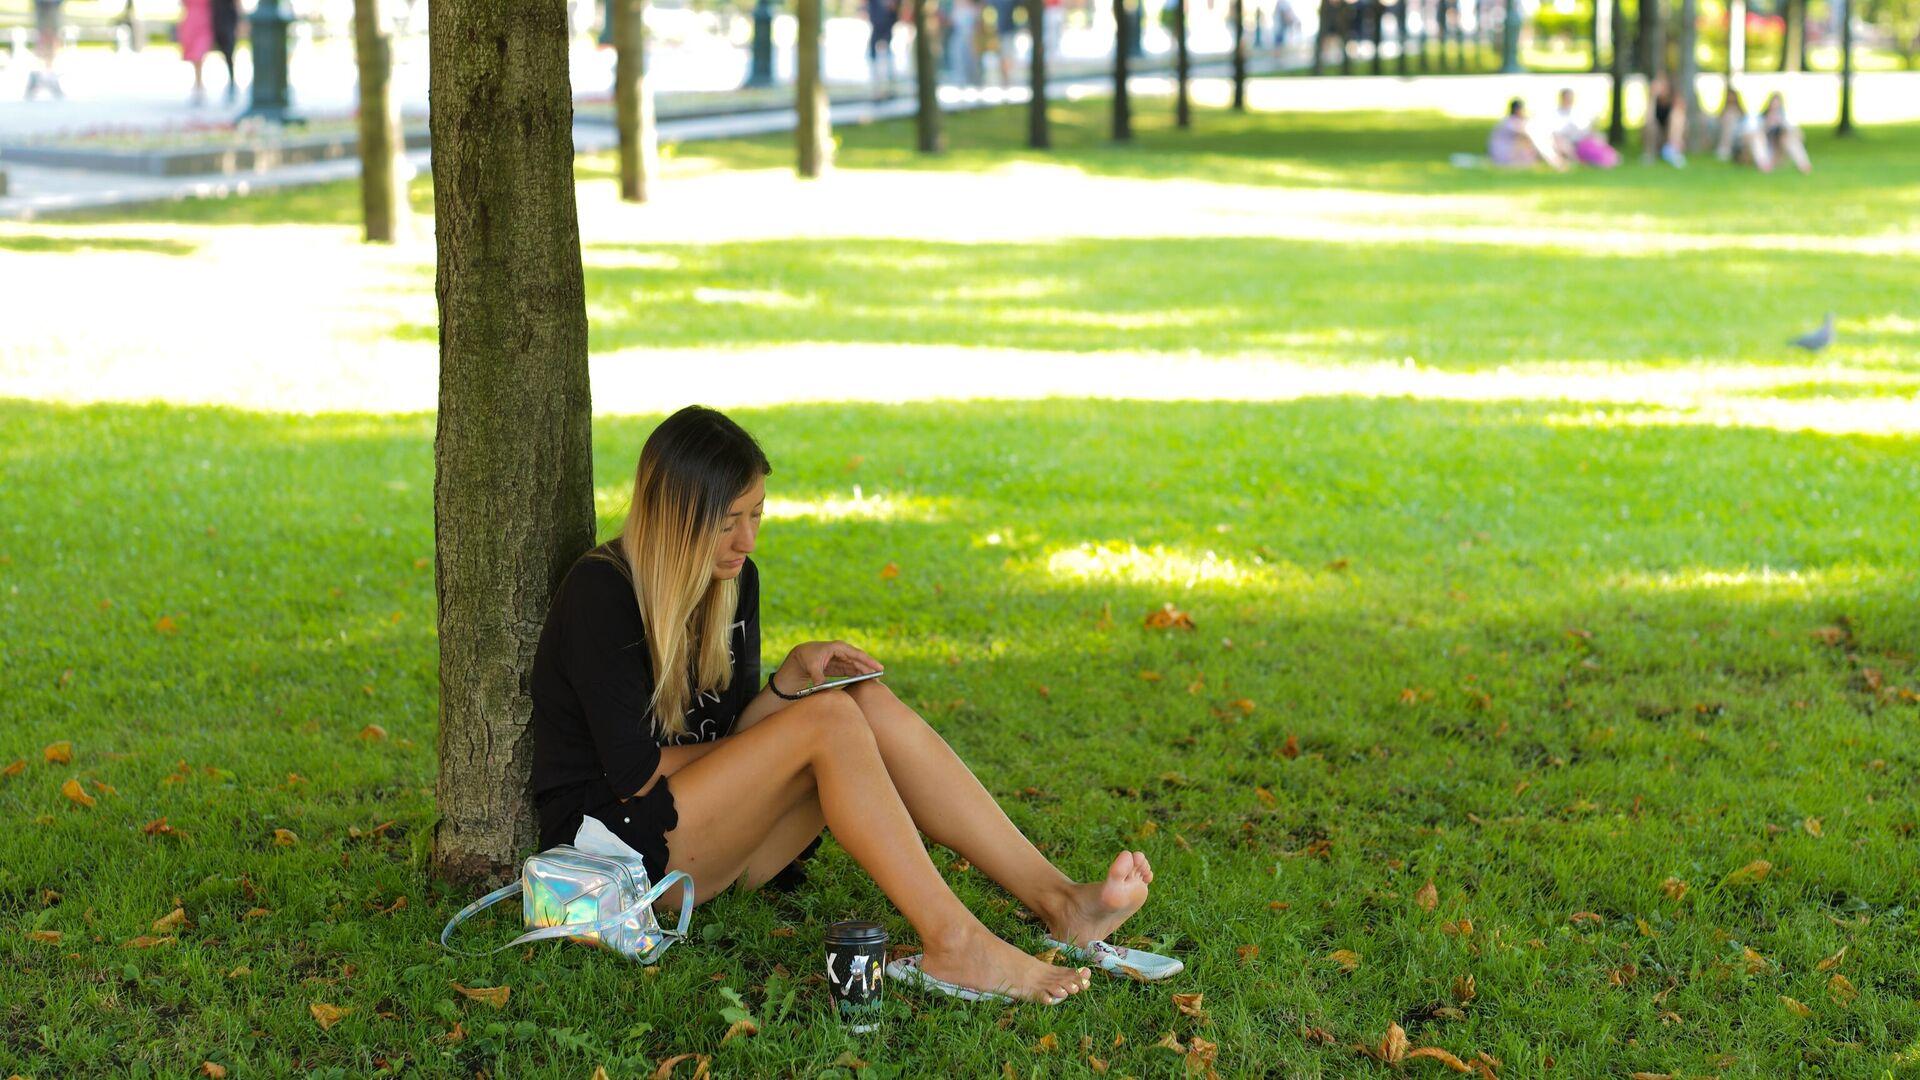 Девушка в жаркую погоду в Александровском саду в Москве - РИА Новости, 1920, 14.08.2021